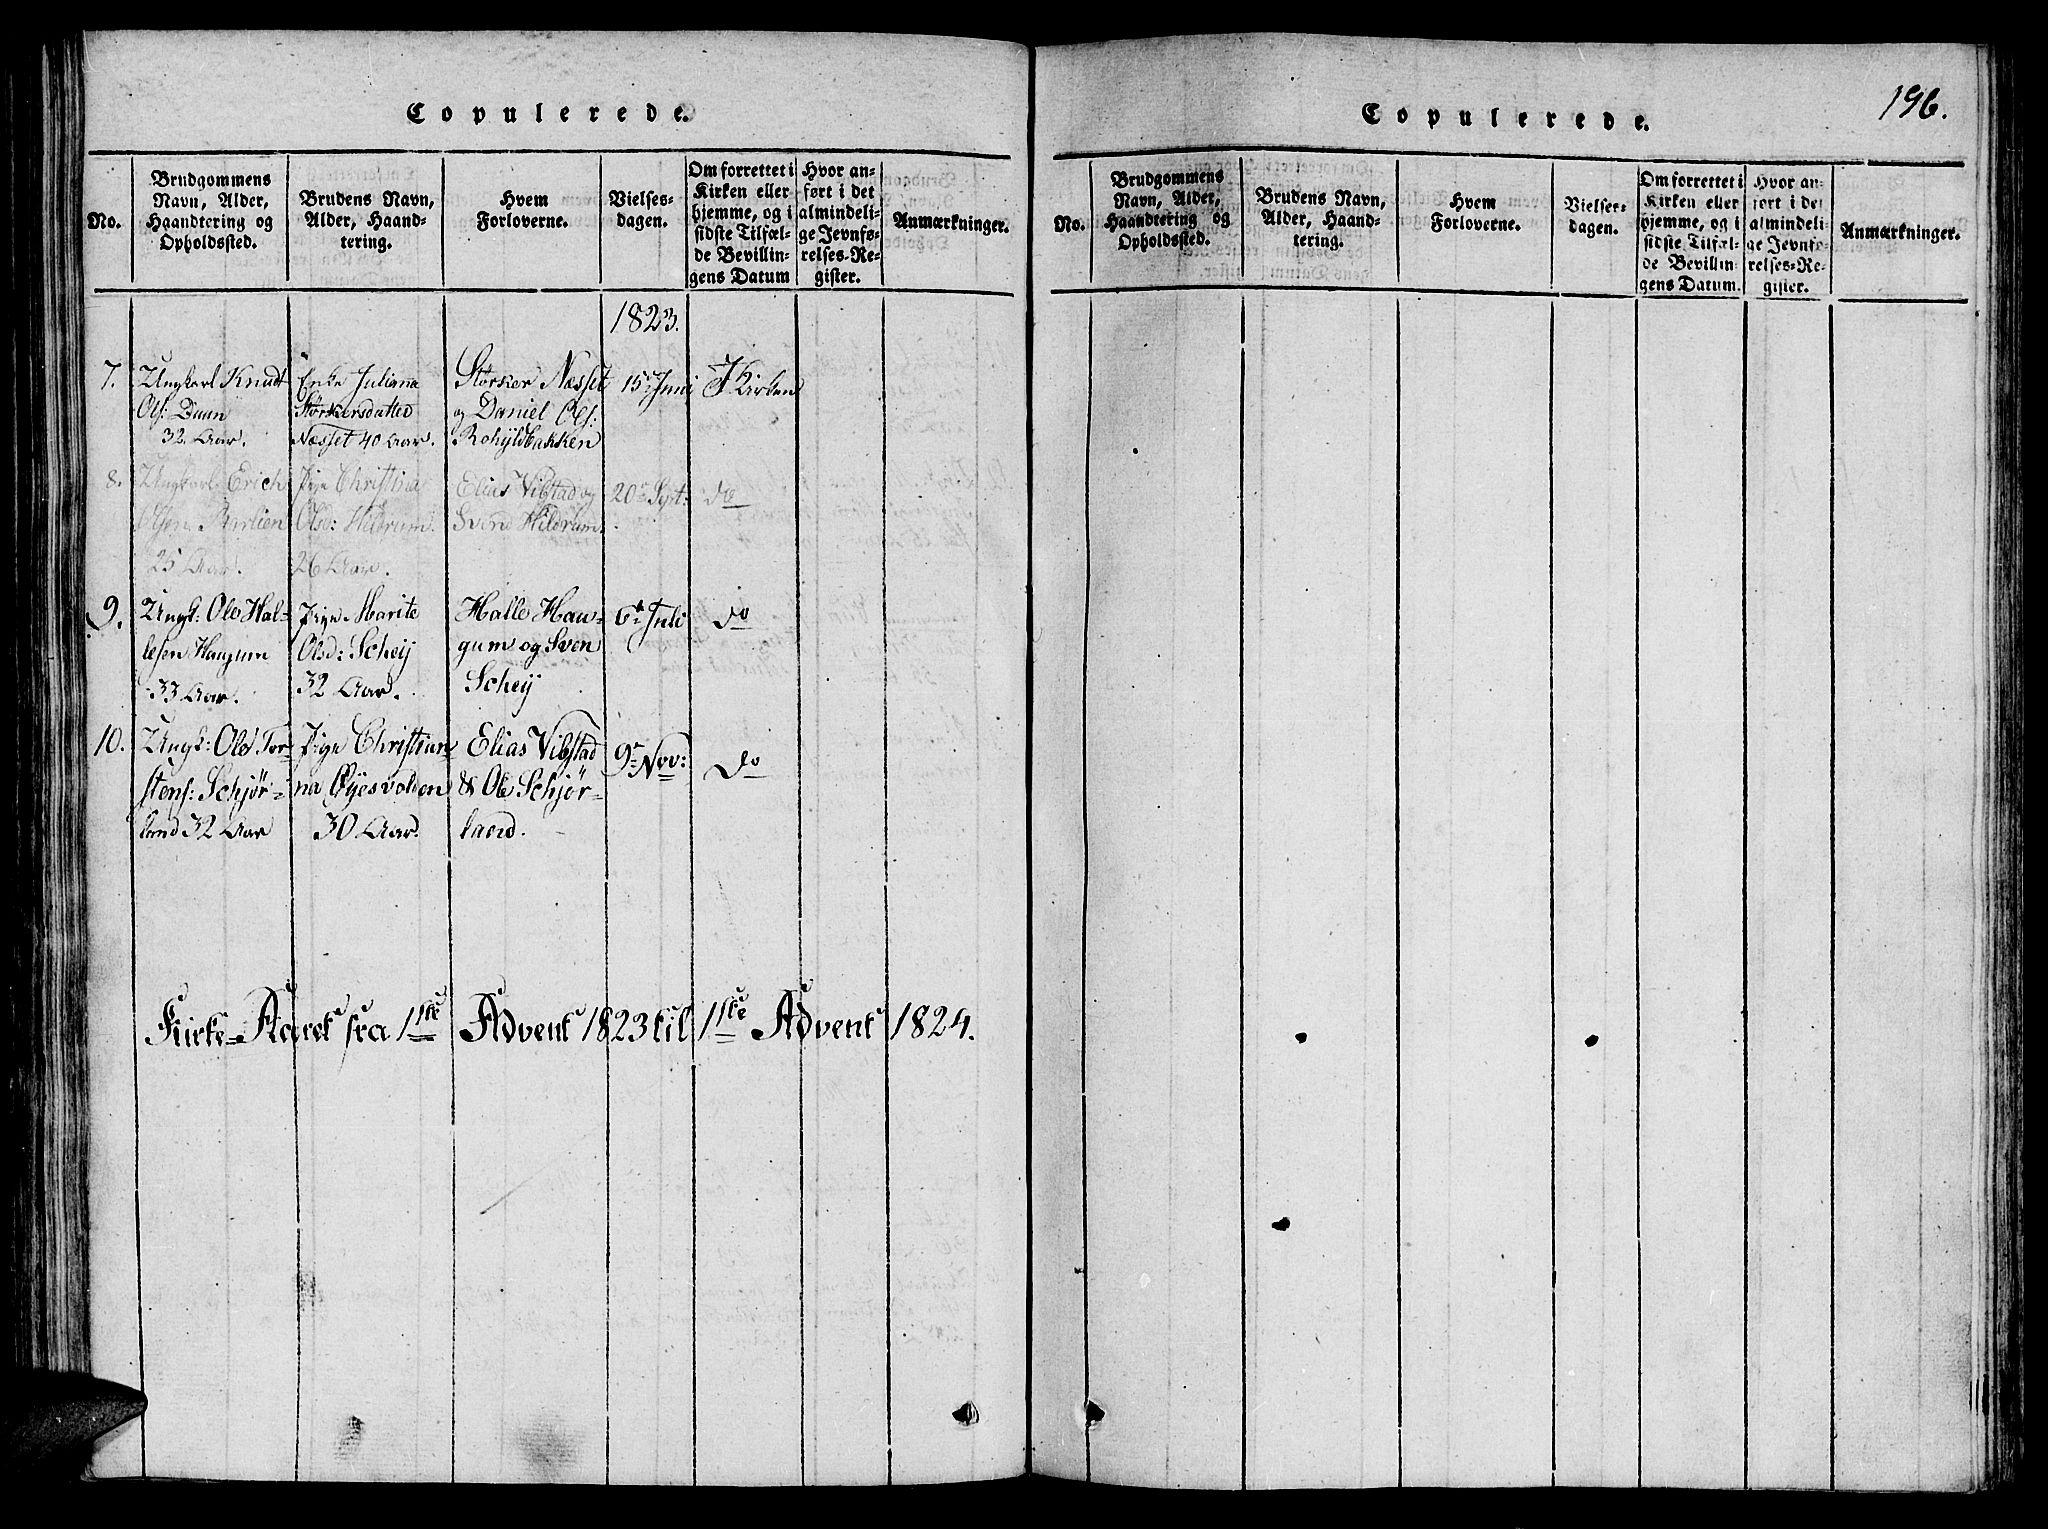 SAT, Ministerialprotokoller, klokkerbøker og fødselsregistre - Nord-Trøndelag, 764/L0546: Ministerialbok nr. 764A06 /1, 1816-1823, s. 196